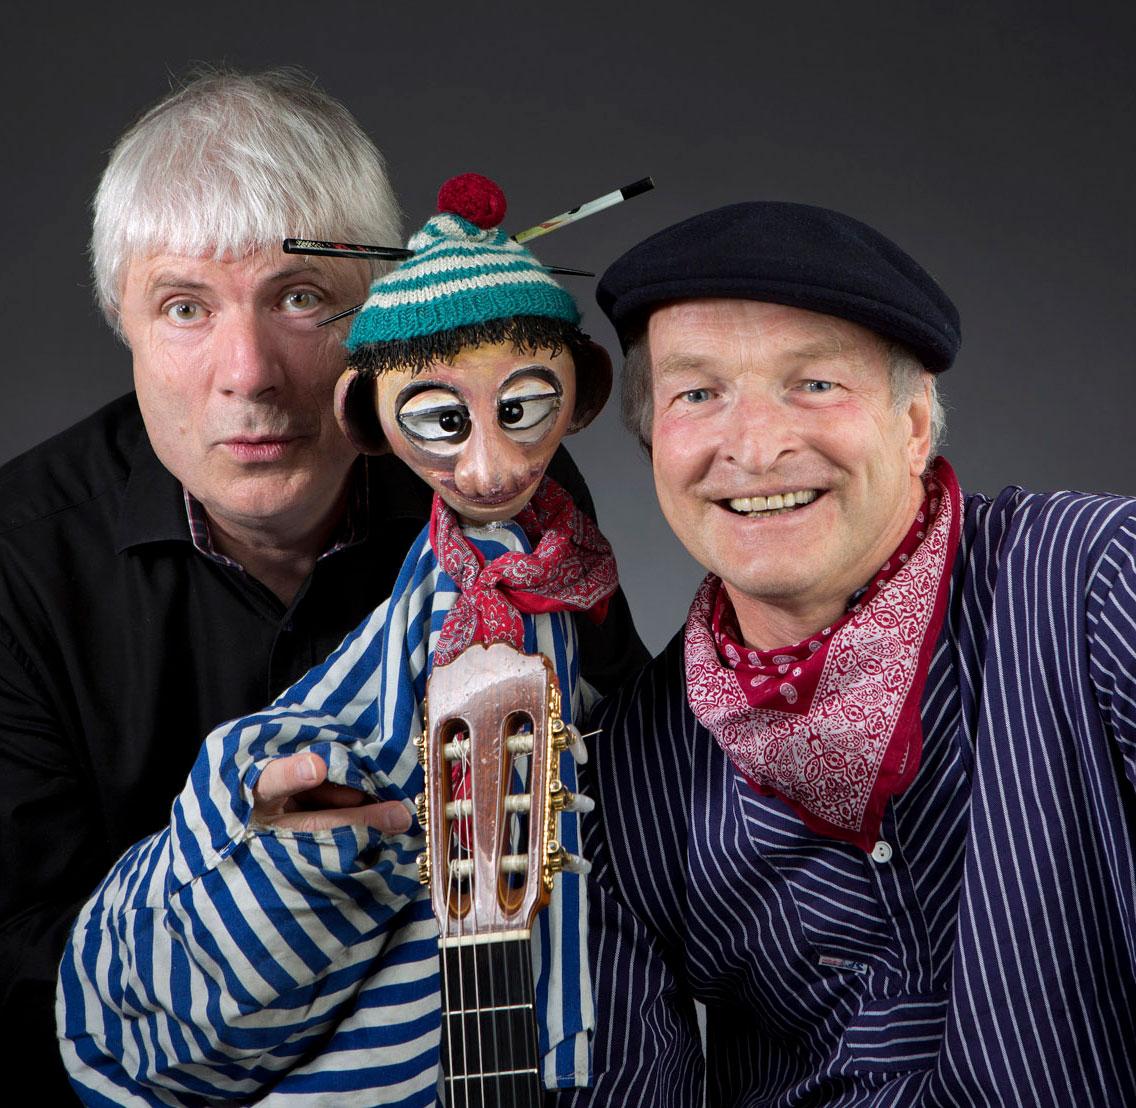 Tom & Dudel ist ein Marionettenstück für Kinder vom Klapp-Theater